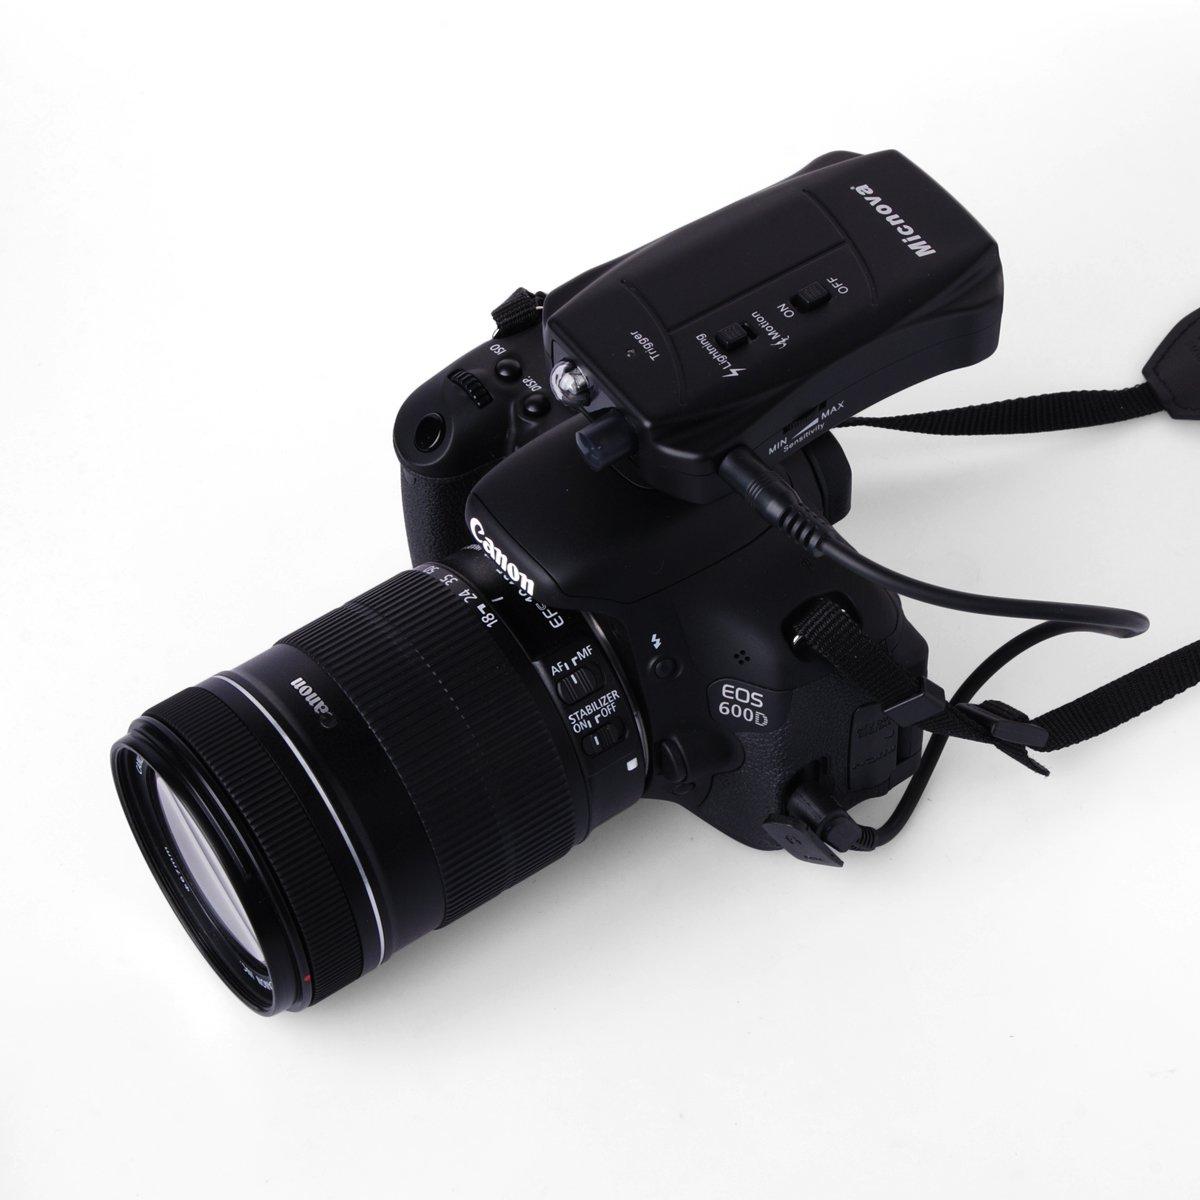 Micnova LC03C Disparador Lightning Rayo Motion Sensor Sensor de Movimiento Trigger Remote For Canon DSLR Camera Cámara LF583: Amazon.es: Electrónica